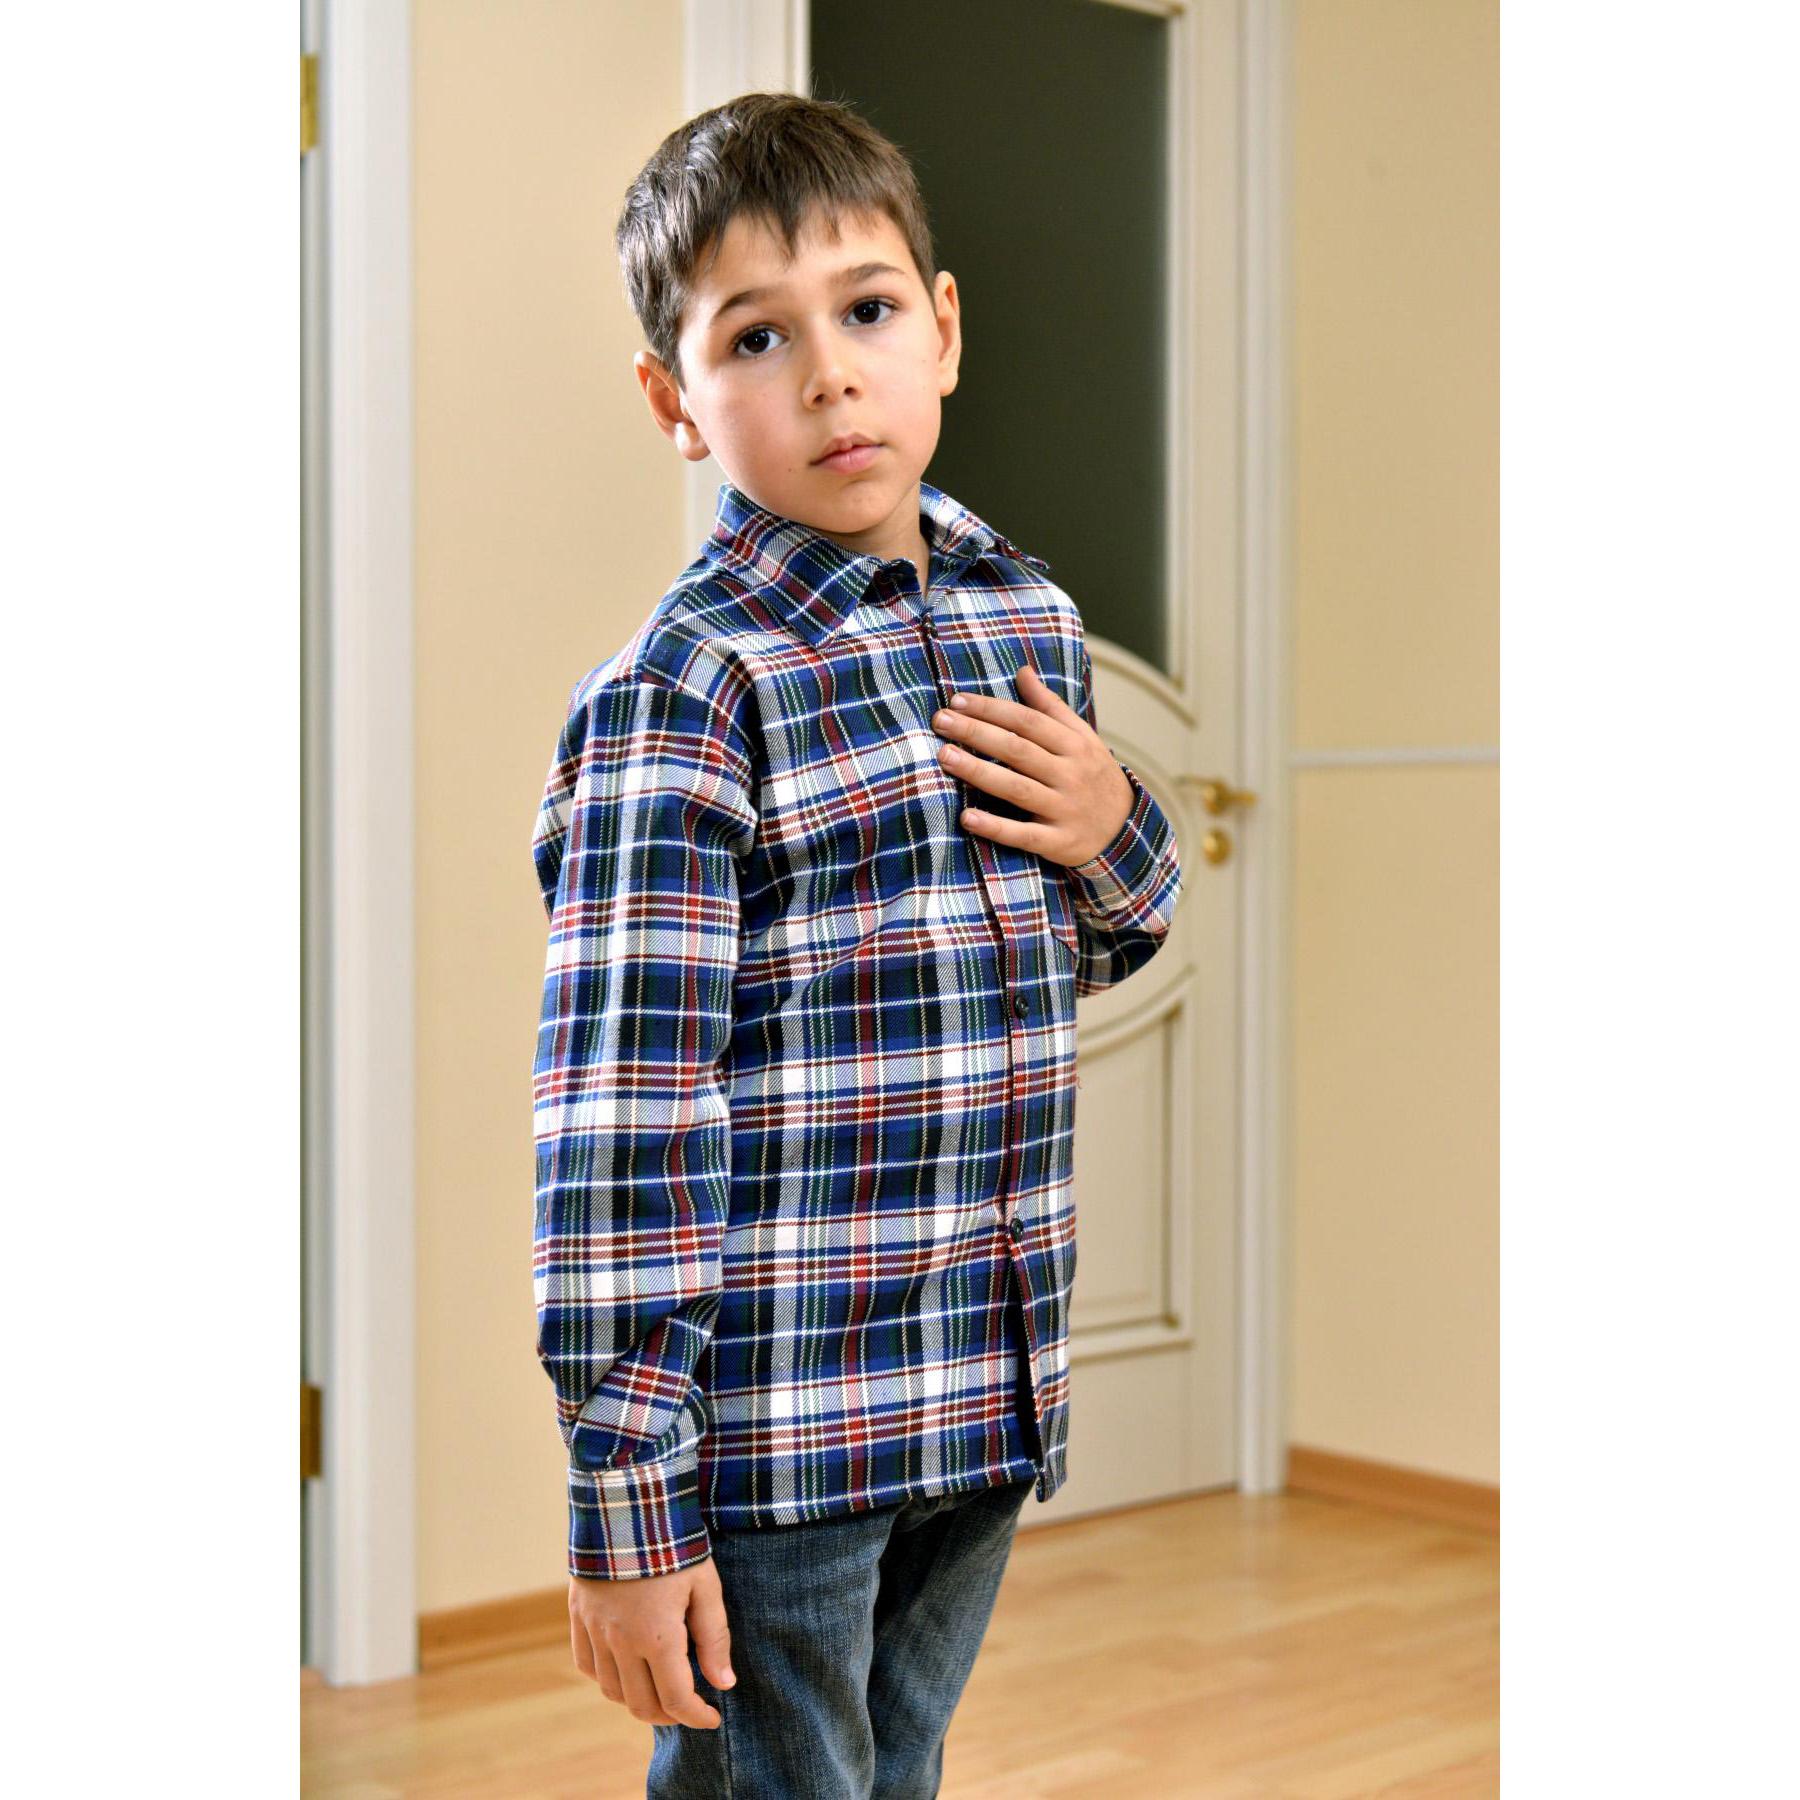 Детская рубашка Шотландия, размер 24Толстовки, джемпера и рубашки<br><br><br>Тип: Дет. рубашка<br>Размер: 24<br>Материал: Шотландка